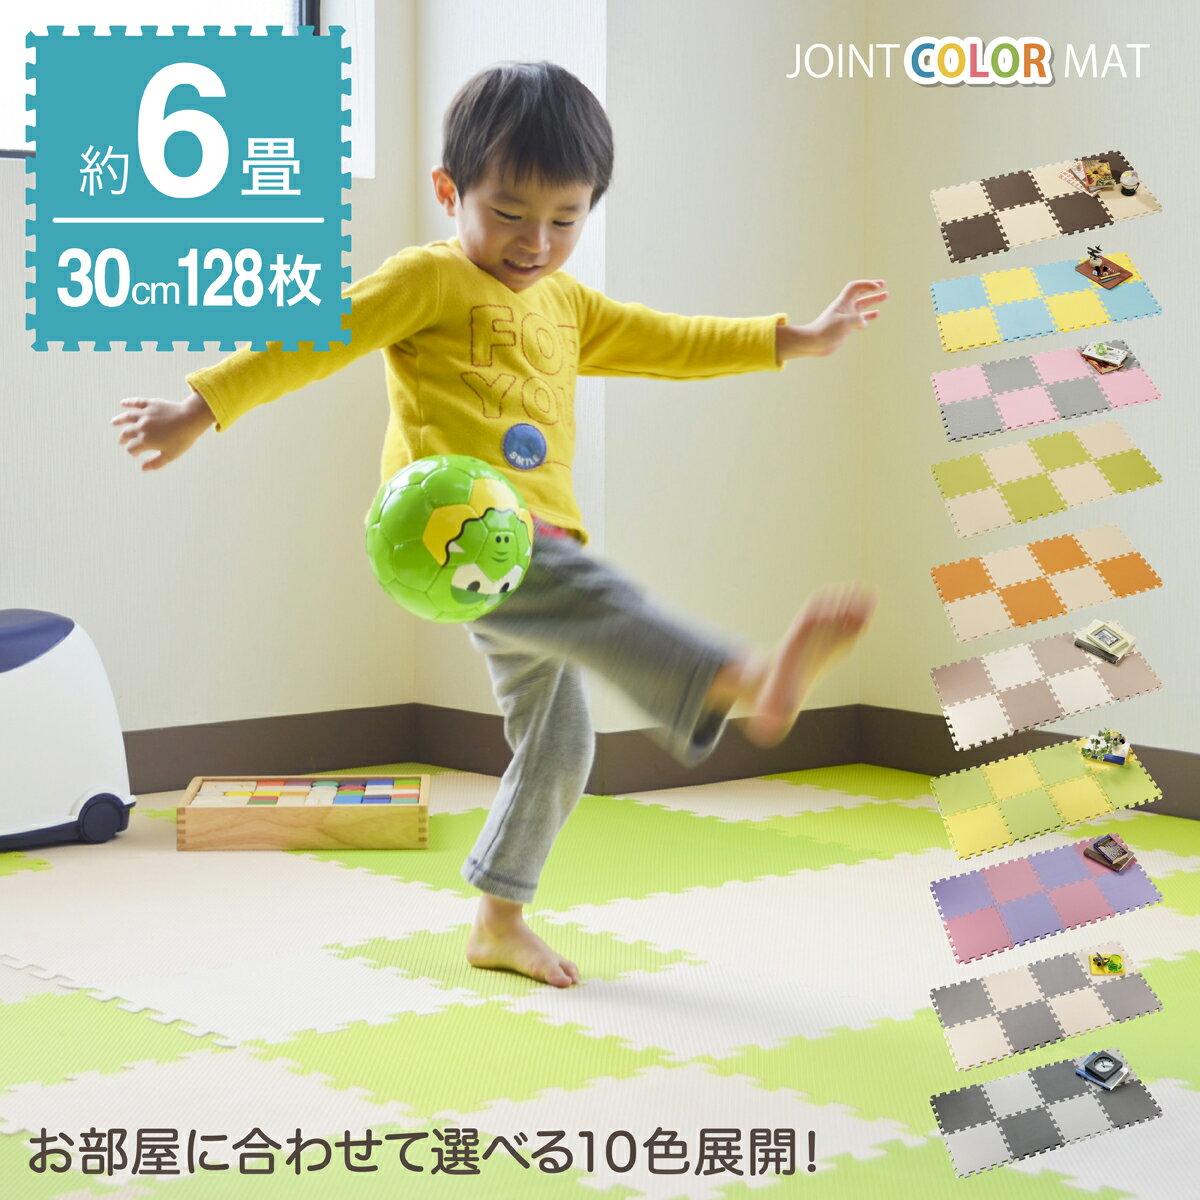 【 6畳 】 ジョイントマット カラー 128枚組 30×30cmカラーマット クッション プレイ くみあわせ 組み合わせ フロア ベビー 赤ちゃん エクササイズ おむつ替え ラグ ペット 洗える 防音対策 衝撃吸収 床暖房対応